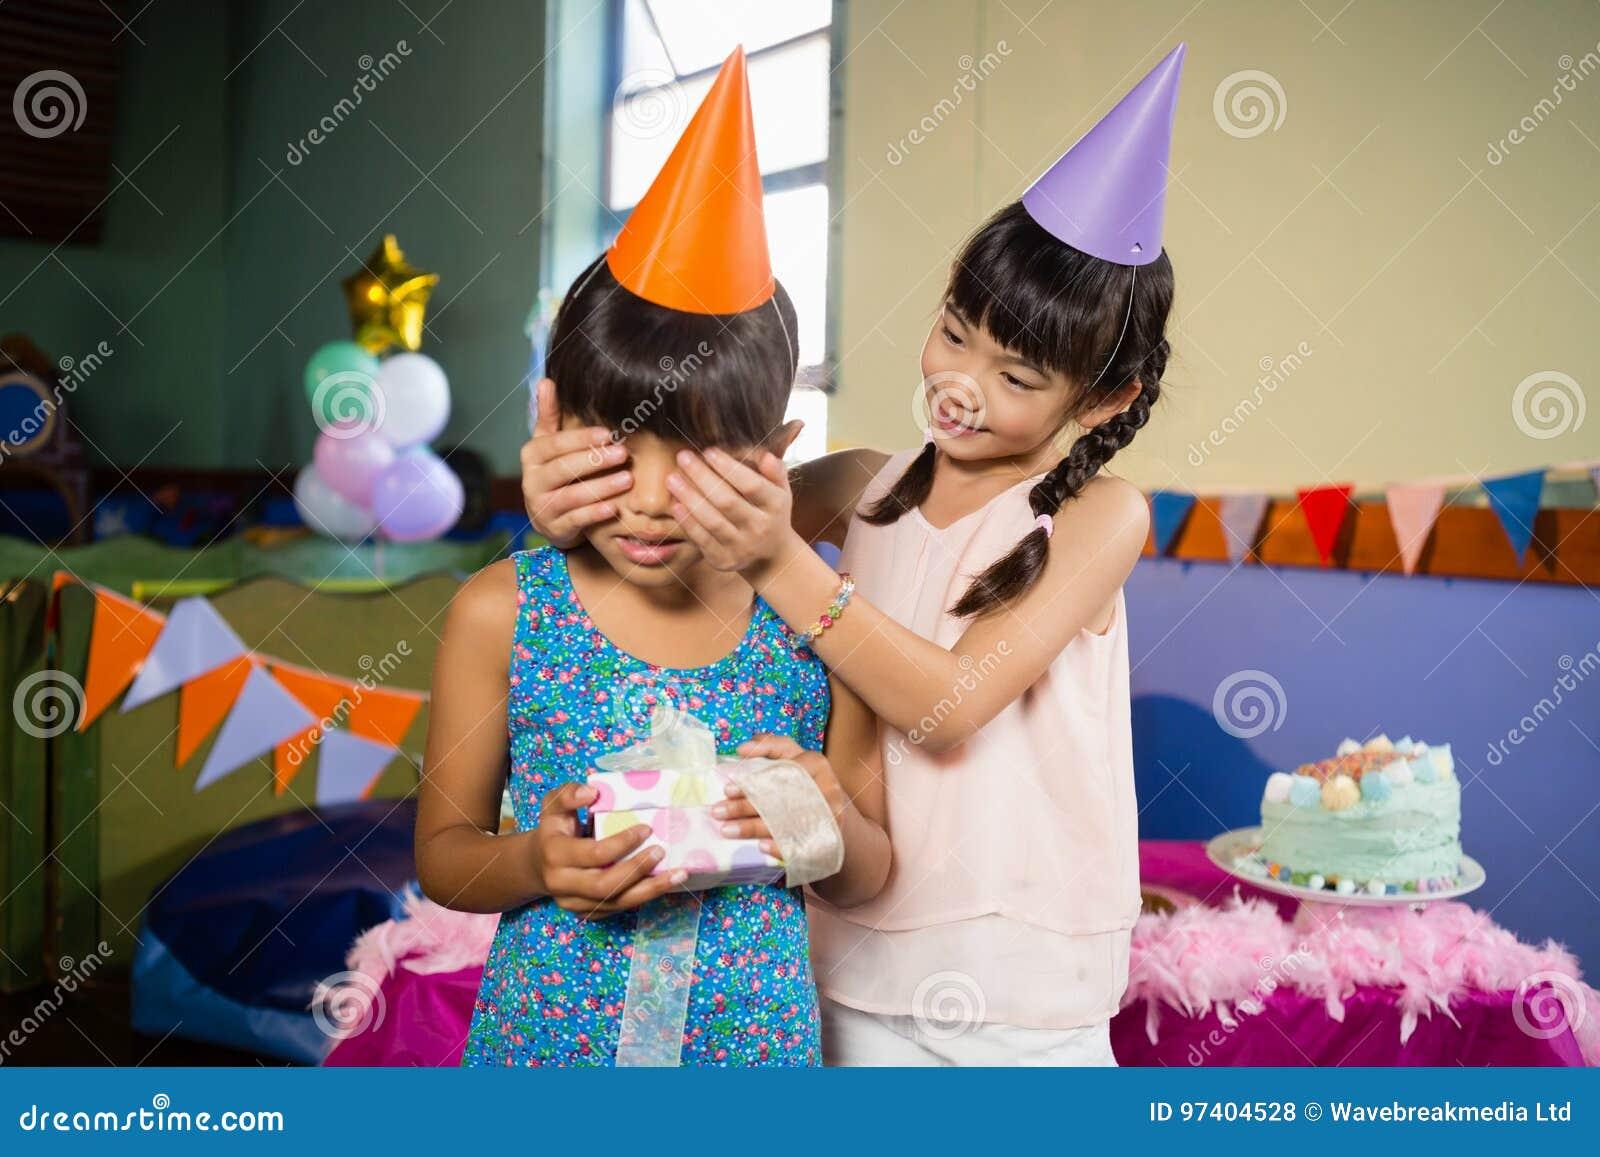 Las muchachas del cumpleaños de la cubierta de la muchacha observan y ofreciendo un regalo